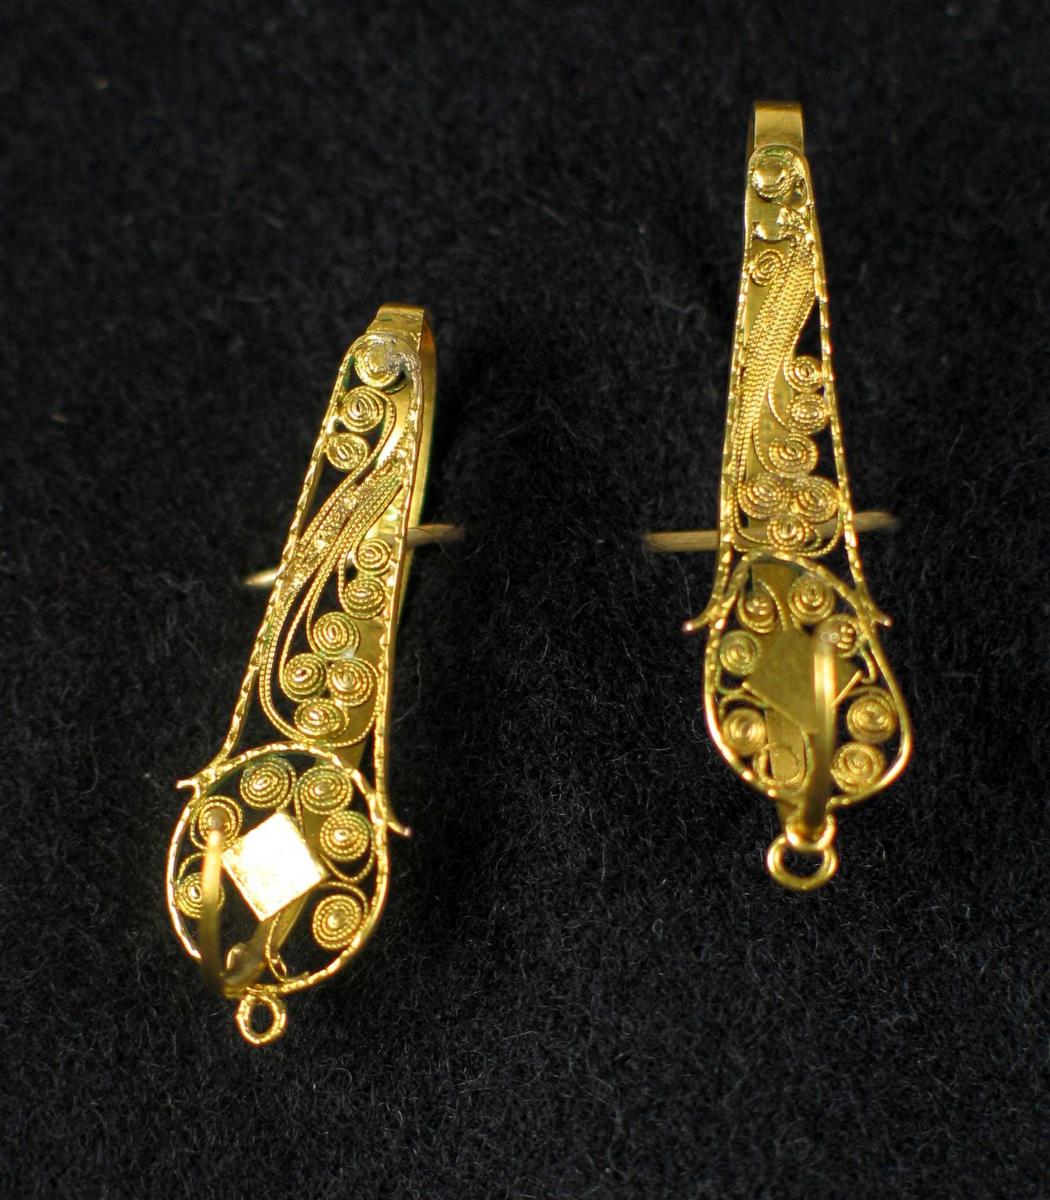 Ørepynt i gull med gjennombrutt filigransdekor.